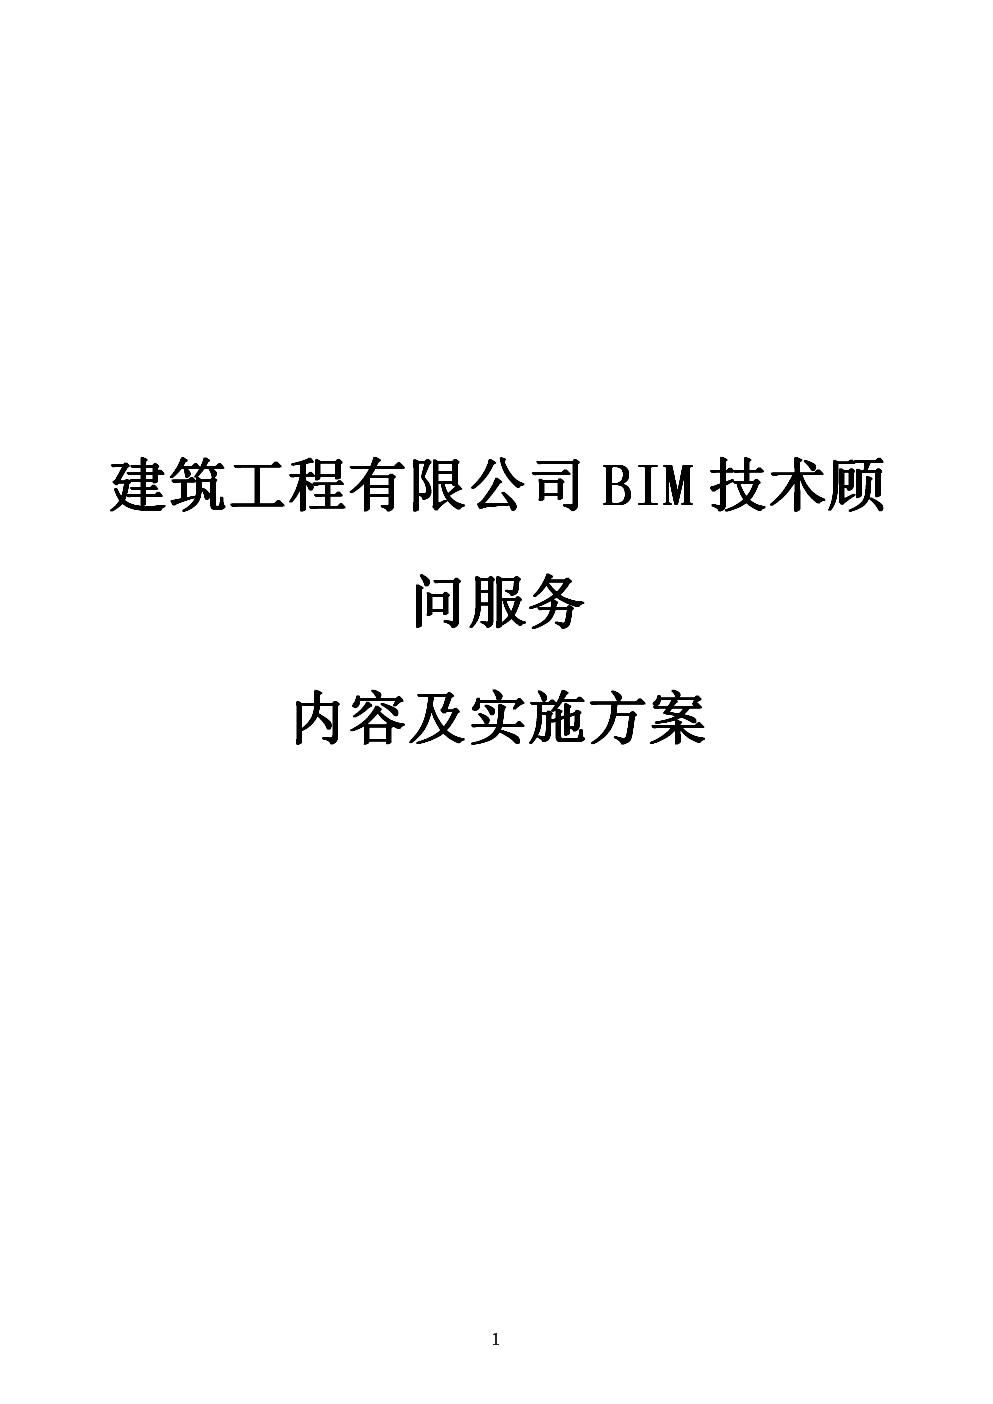 建筑工程有限公司BIM技术顾问服务内容及实施方案.doc